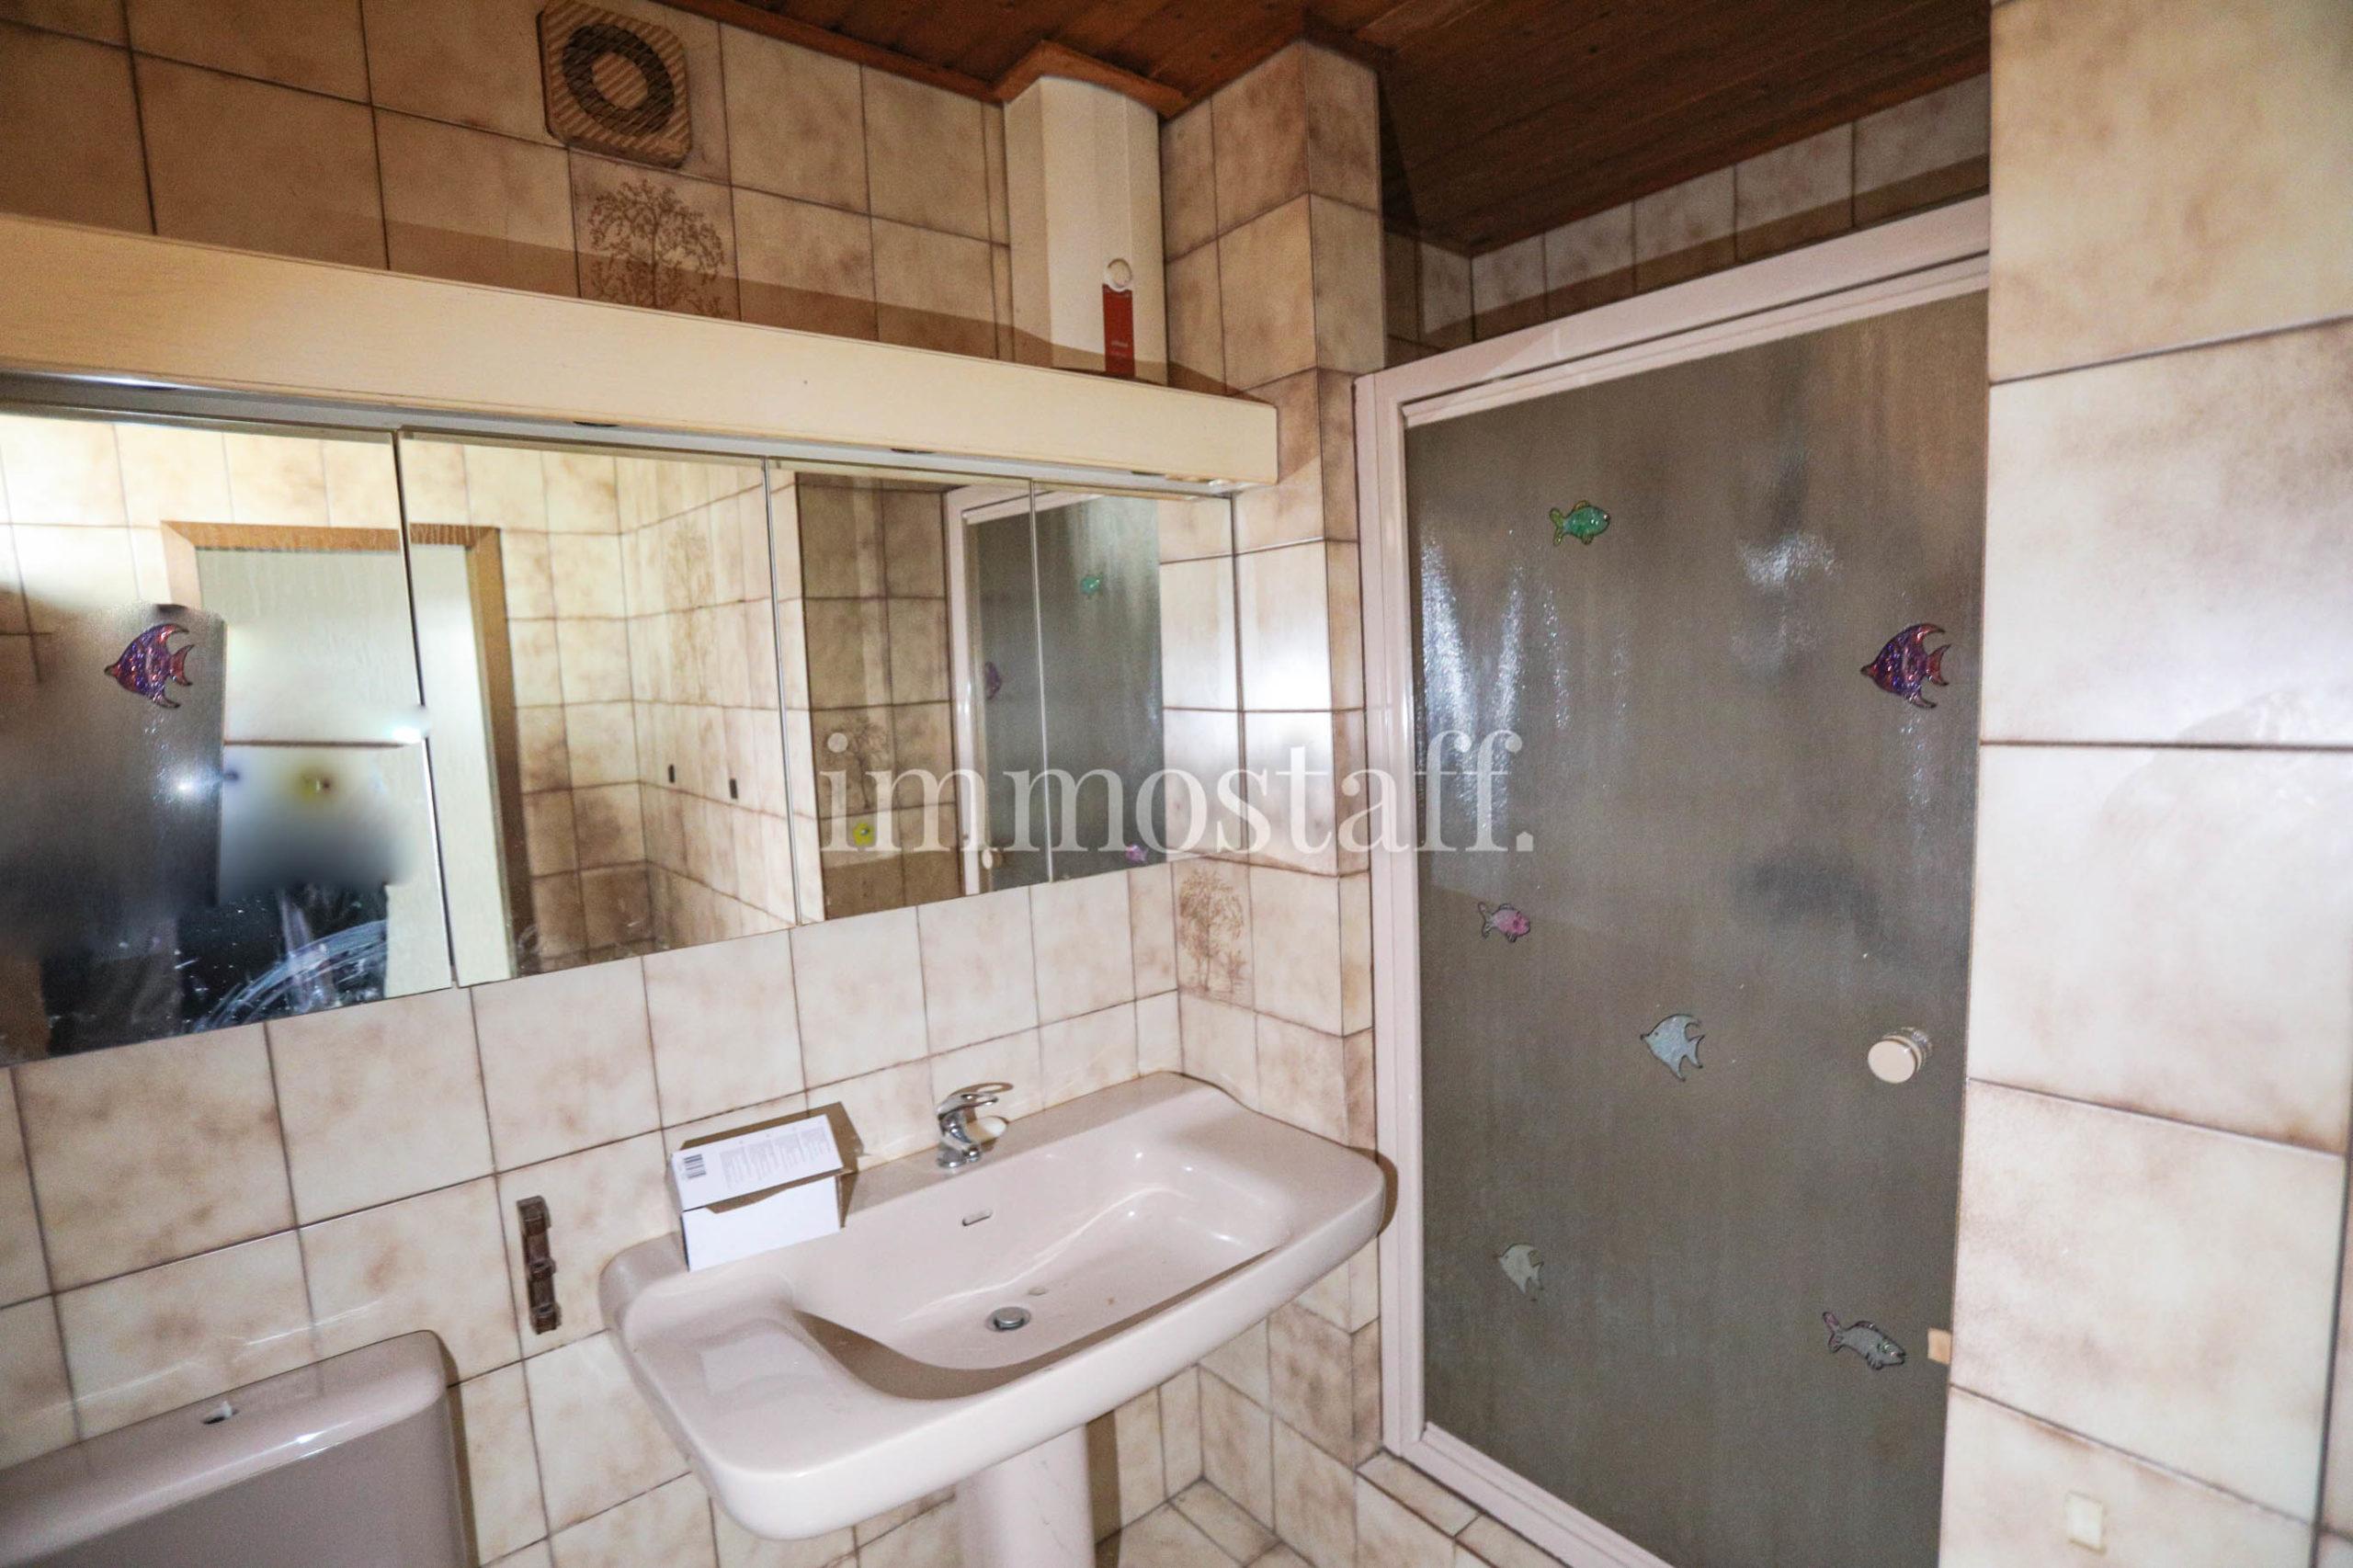 Badezimmer Ansicht 2 Bungalow